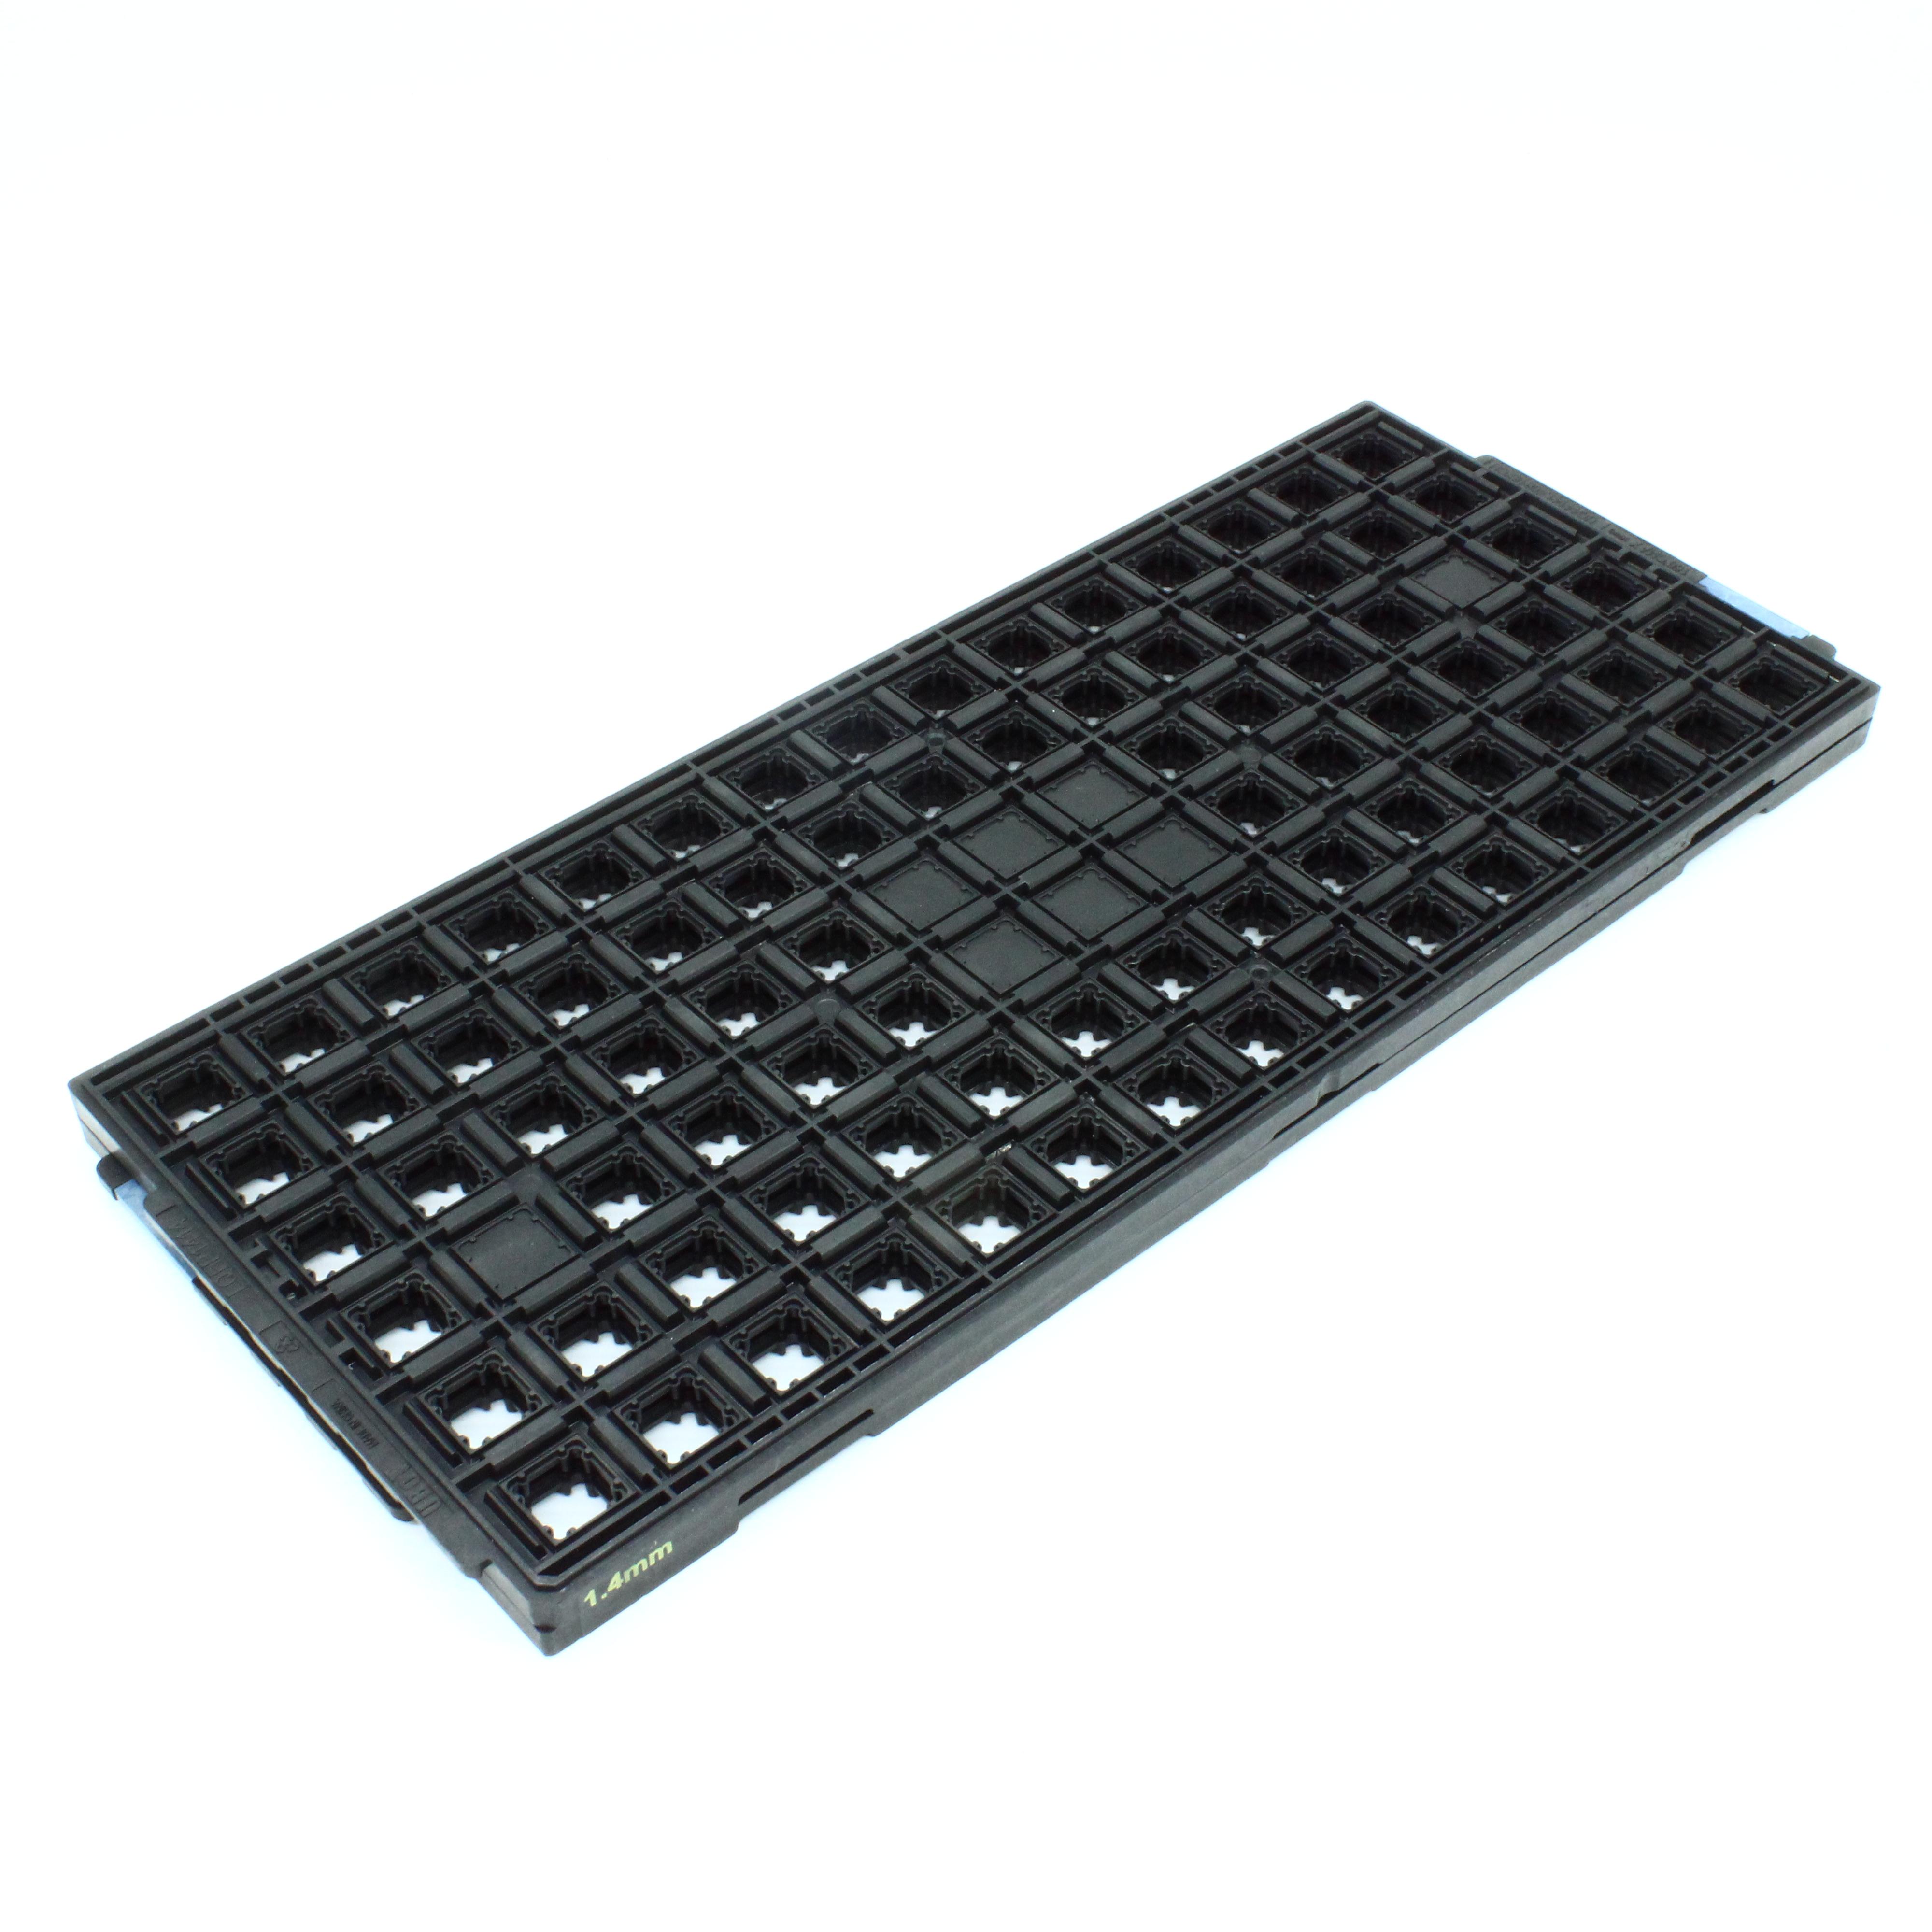 Tray LQFP 6*15 (14x14mm)